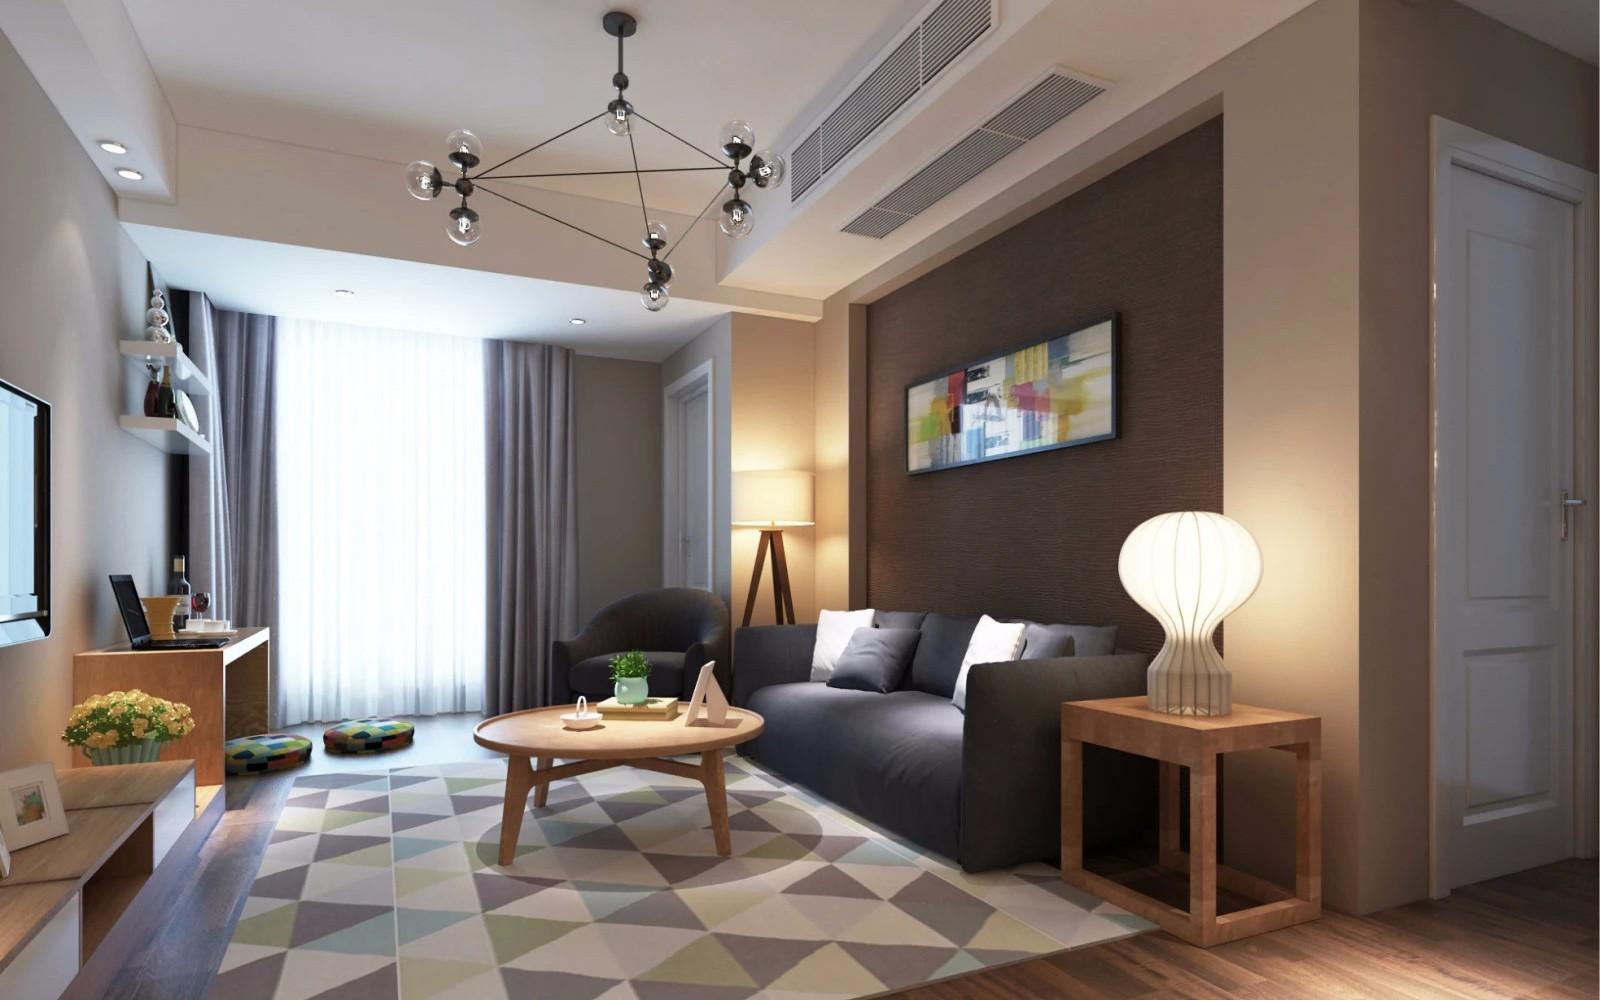 3室2衛2廳120平米現代風格